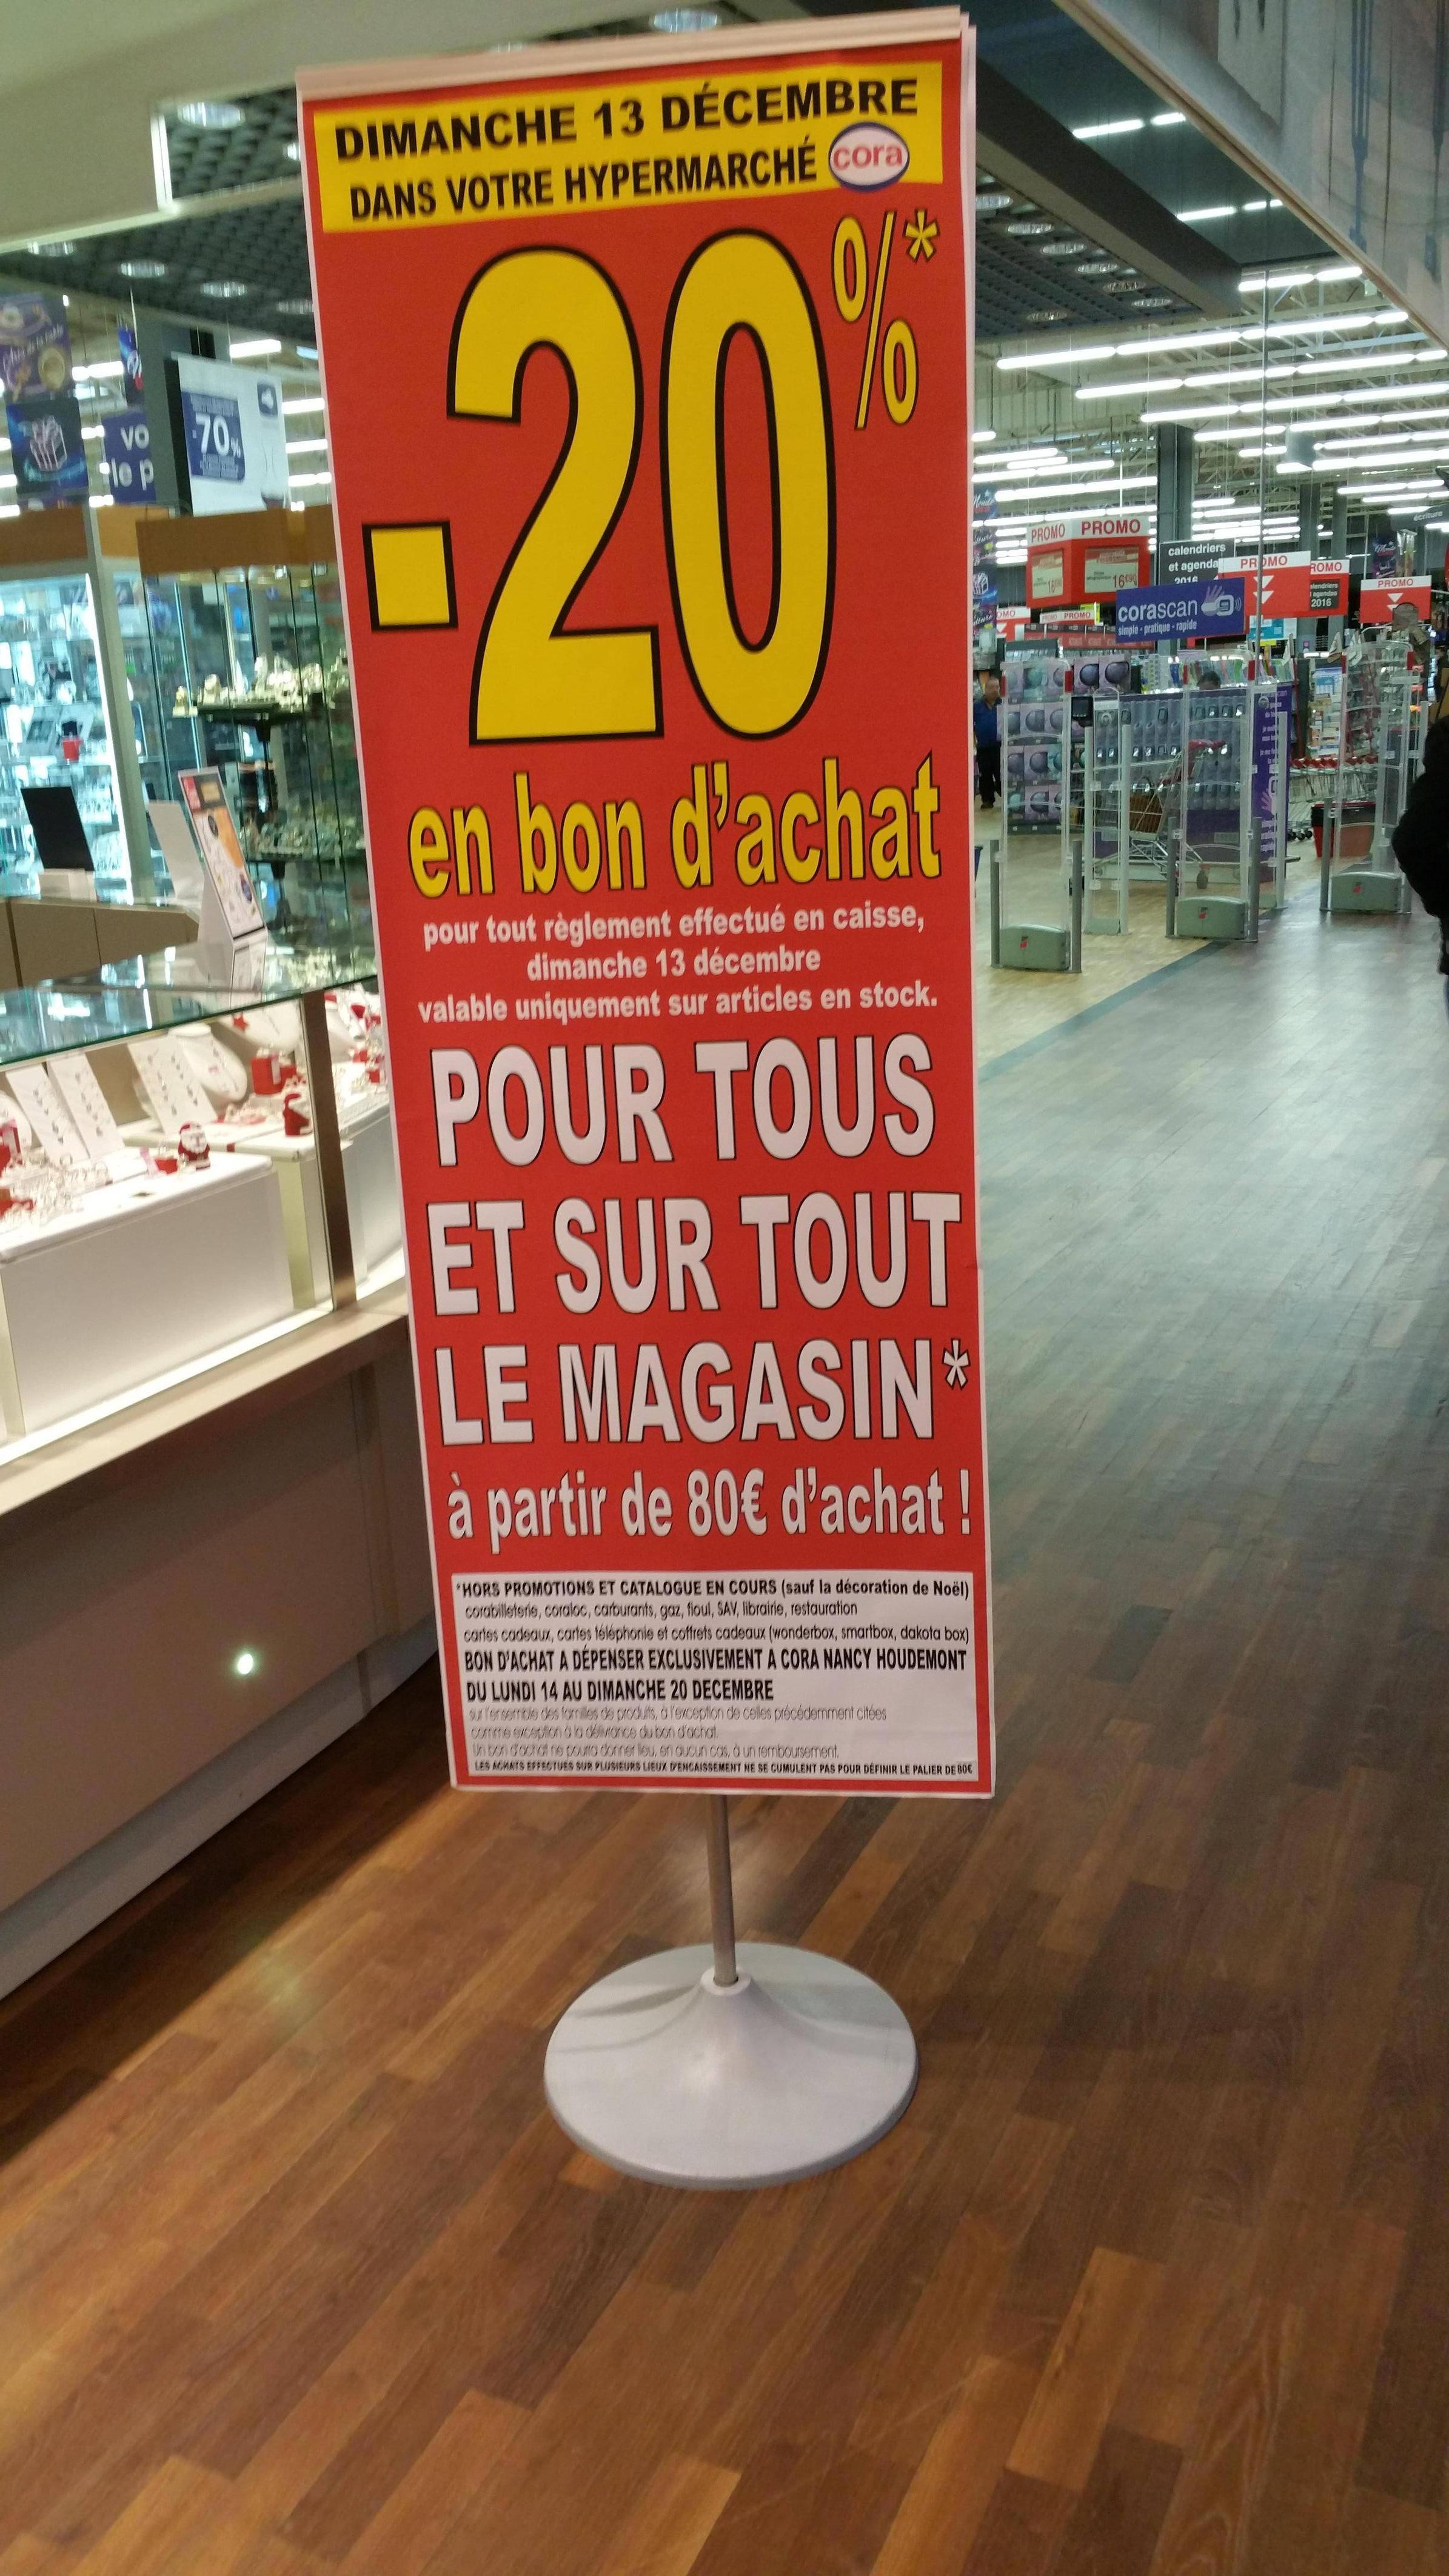 20% en bon d'achat sur tout le magasin dès 80€ d'achat